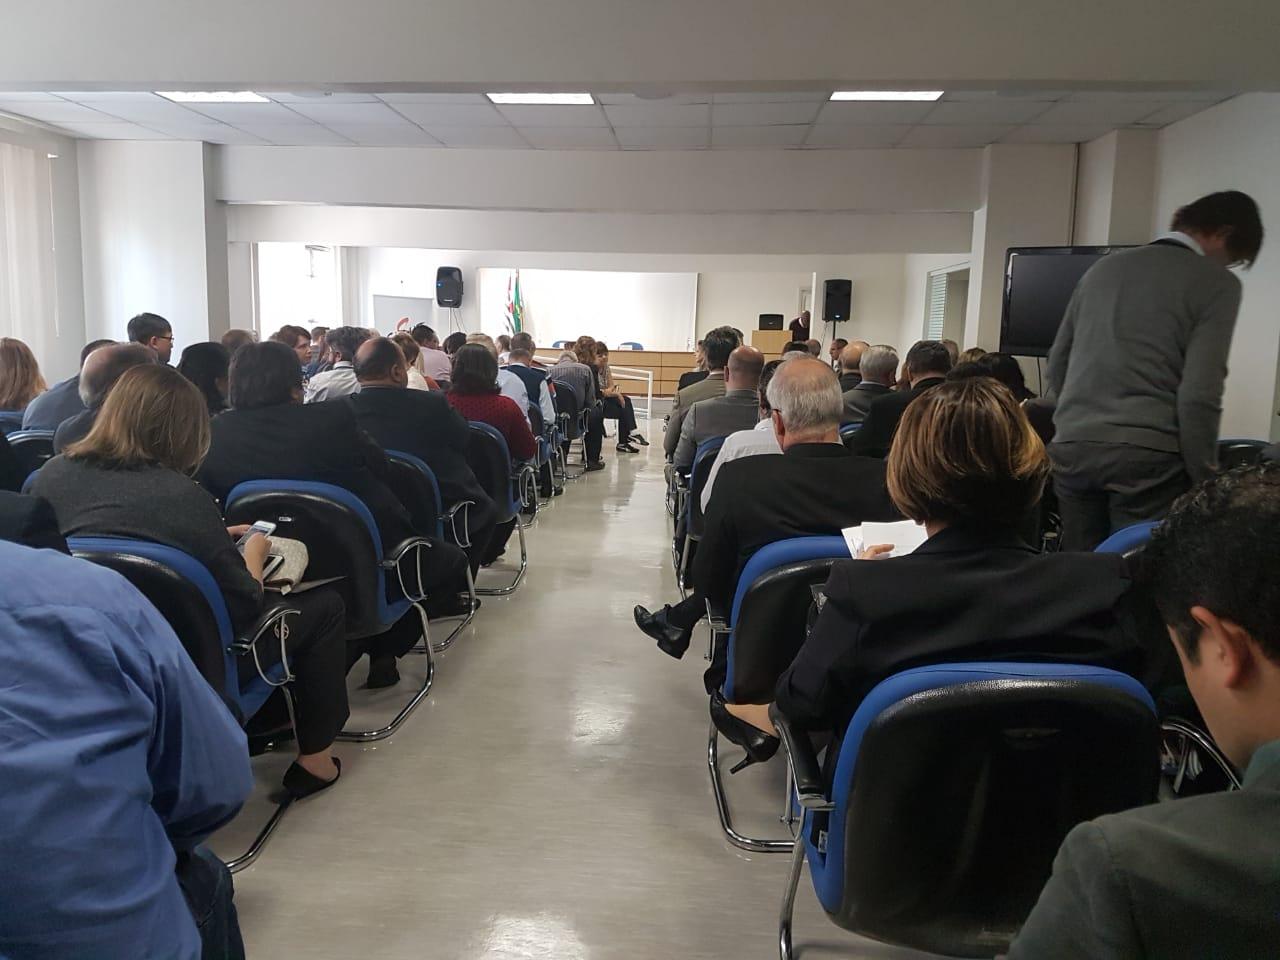 Superintendente do Ministério do Trabalho de São Paulo faz reunião com lideranças sindicais